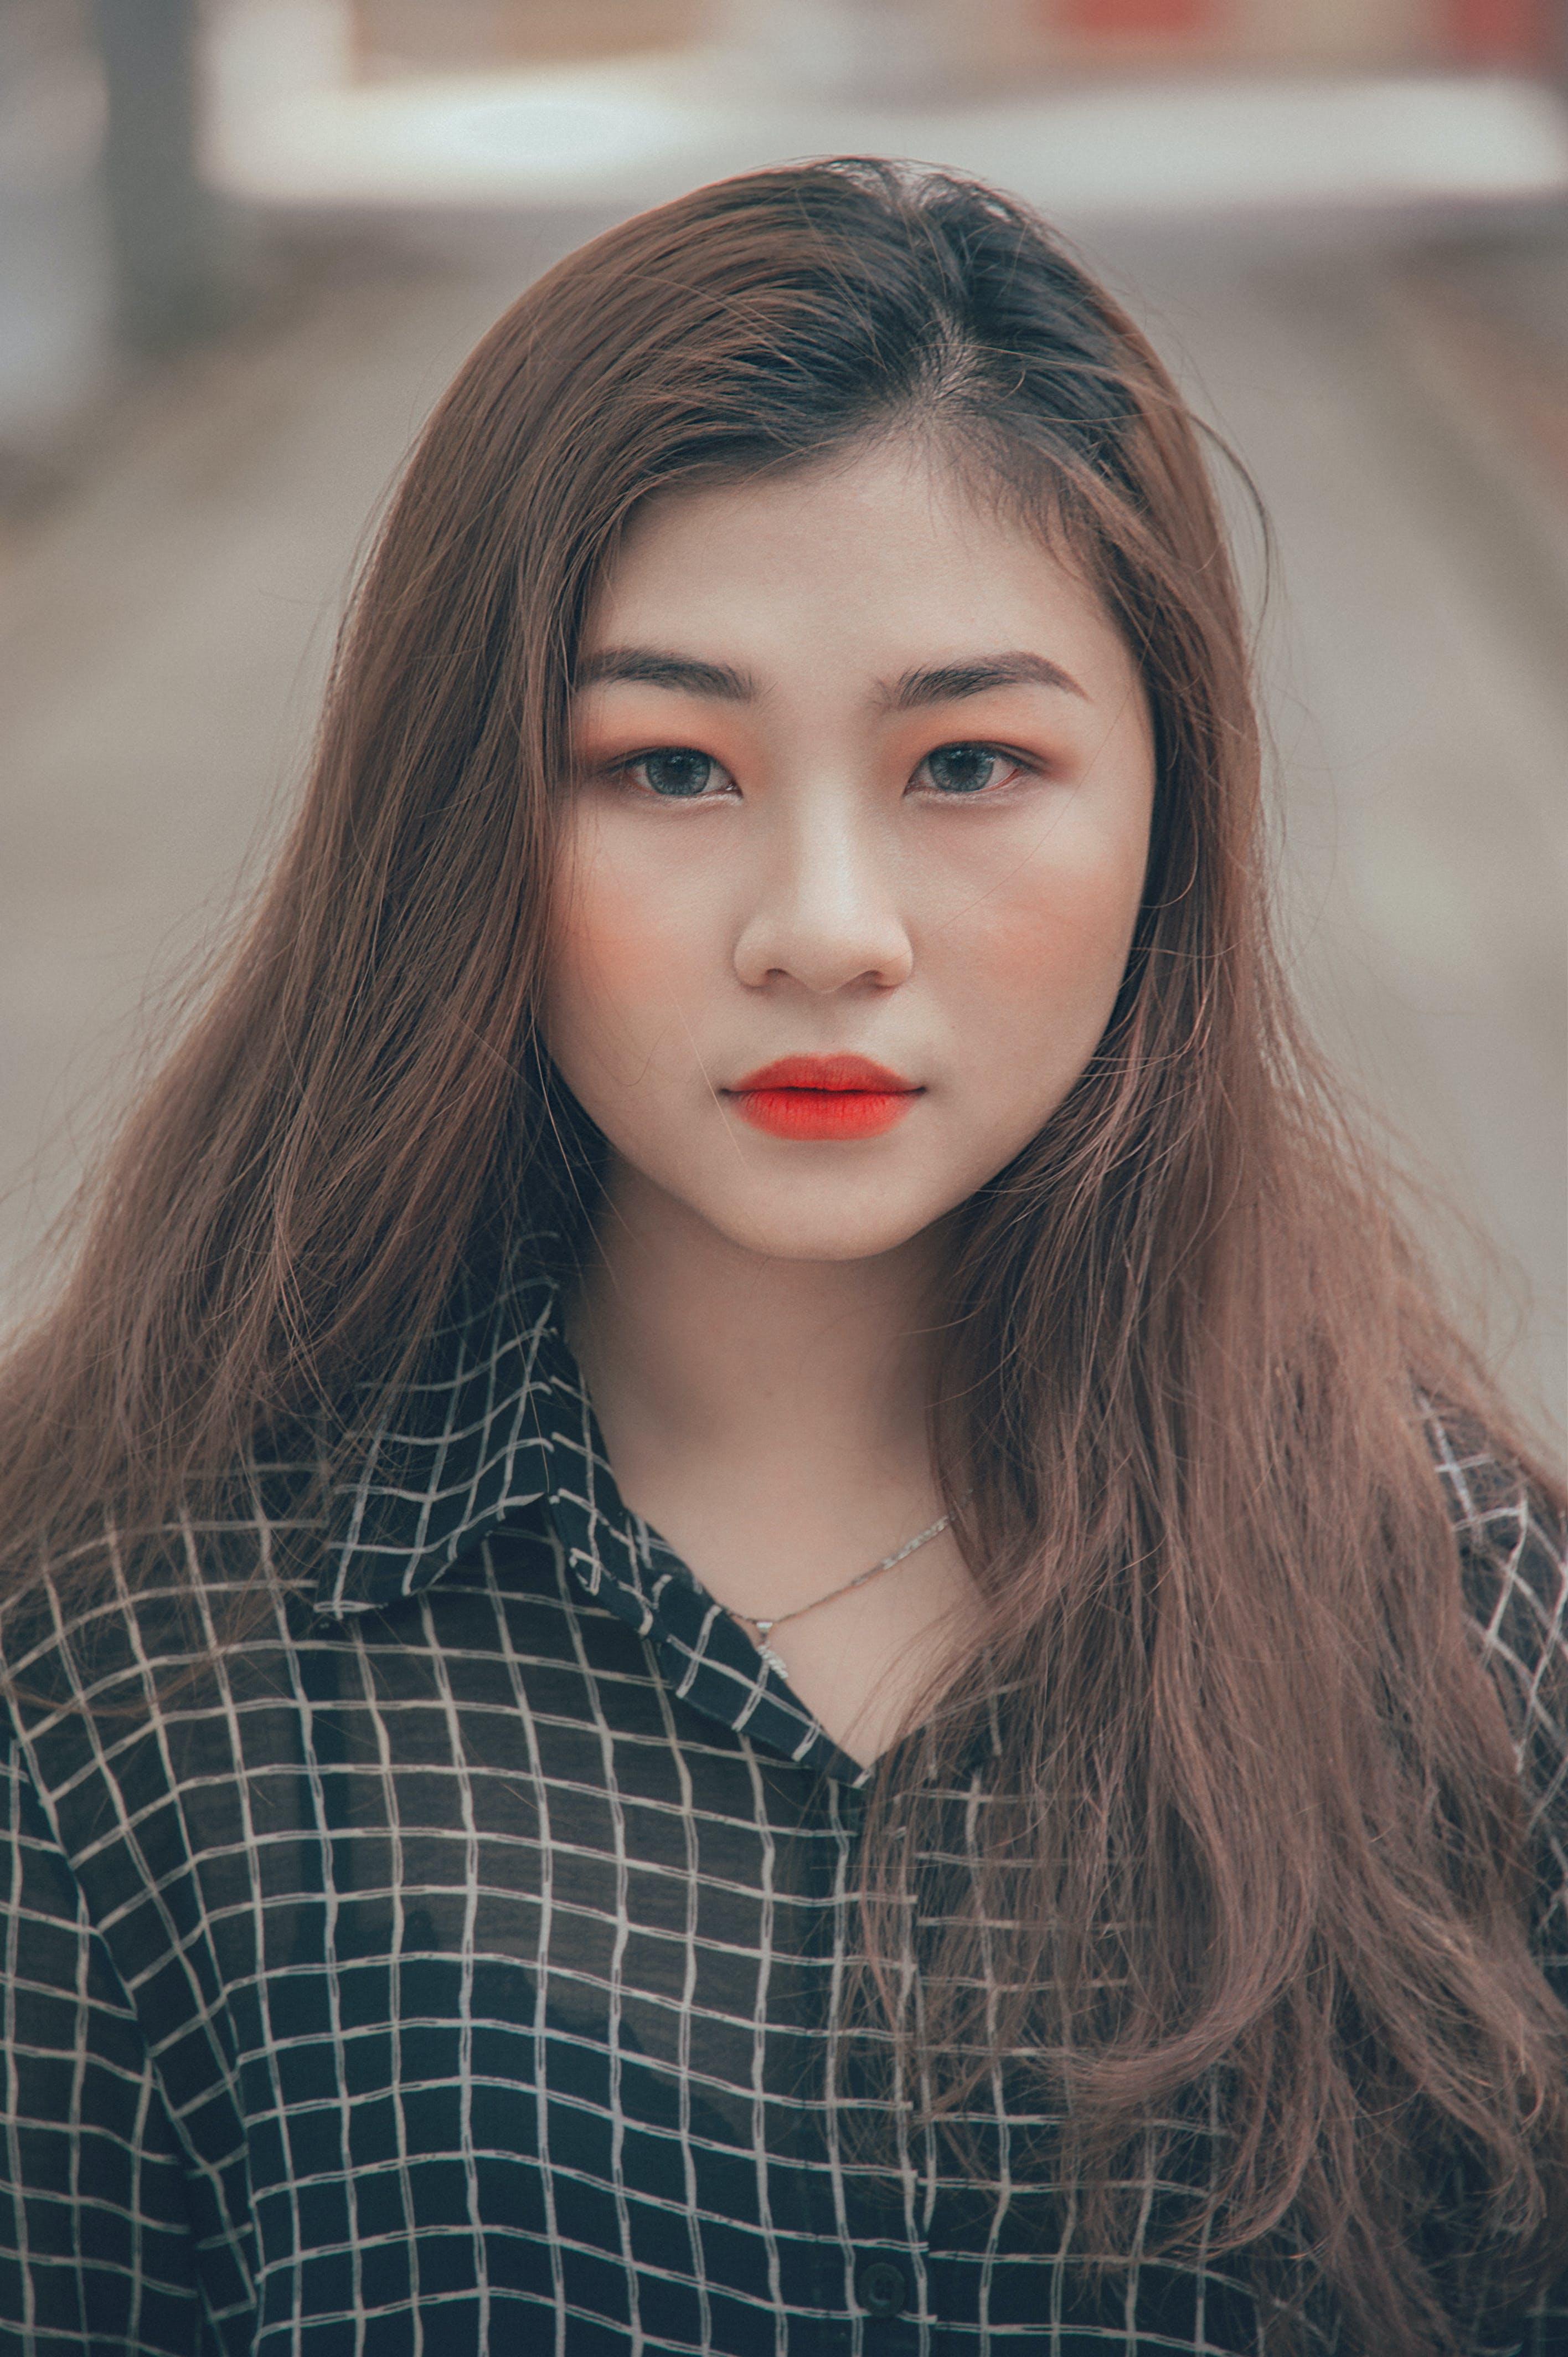 アジアの女性, アジア人の女の子, 可愛い, 女の子の無料の写真素材